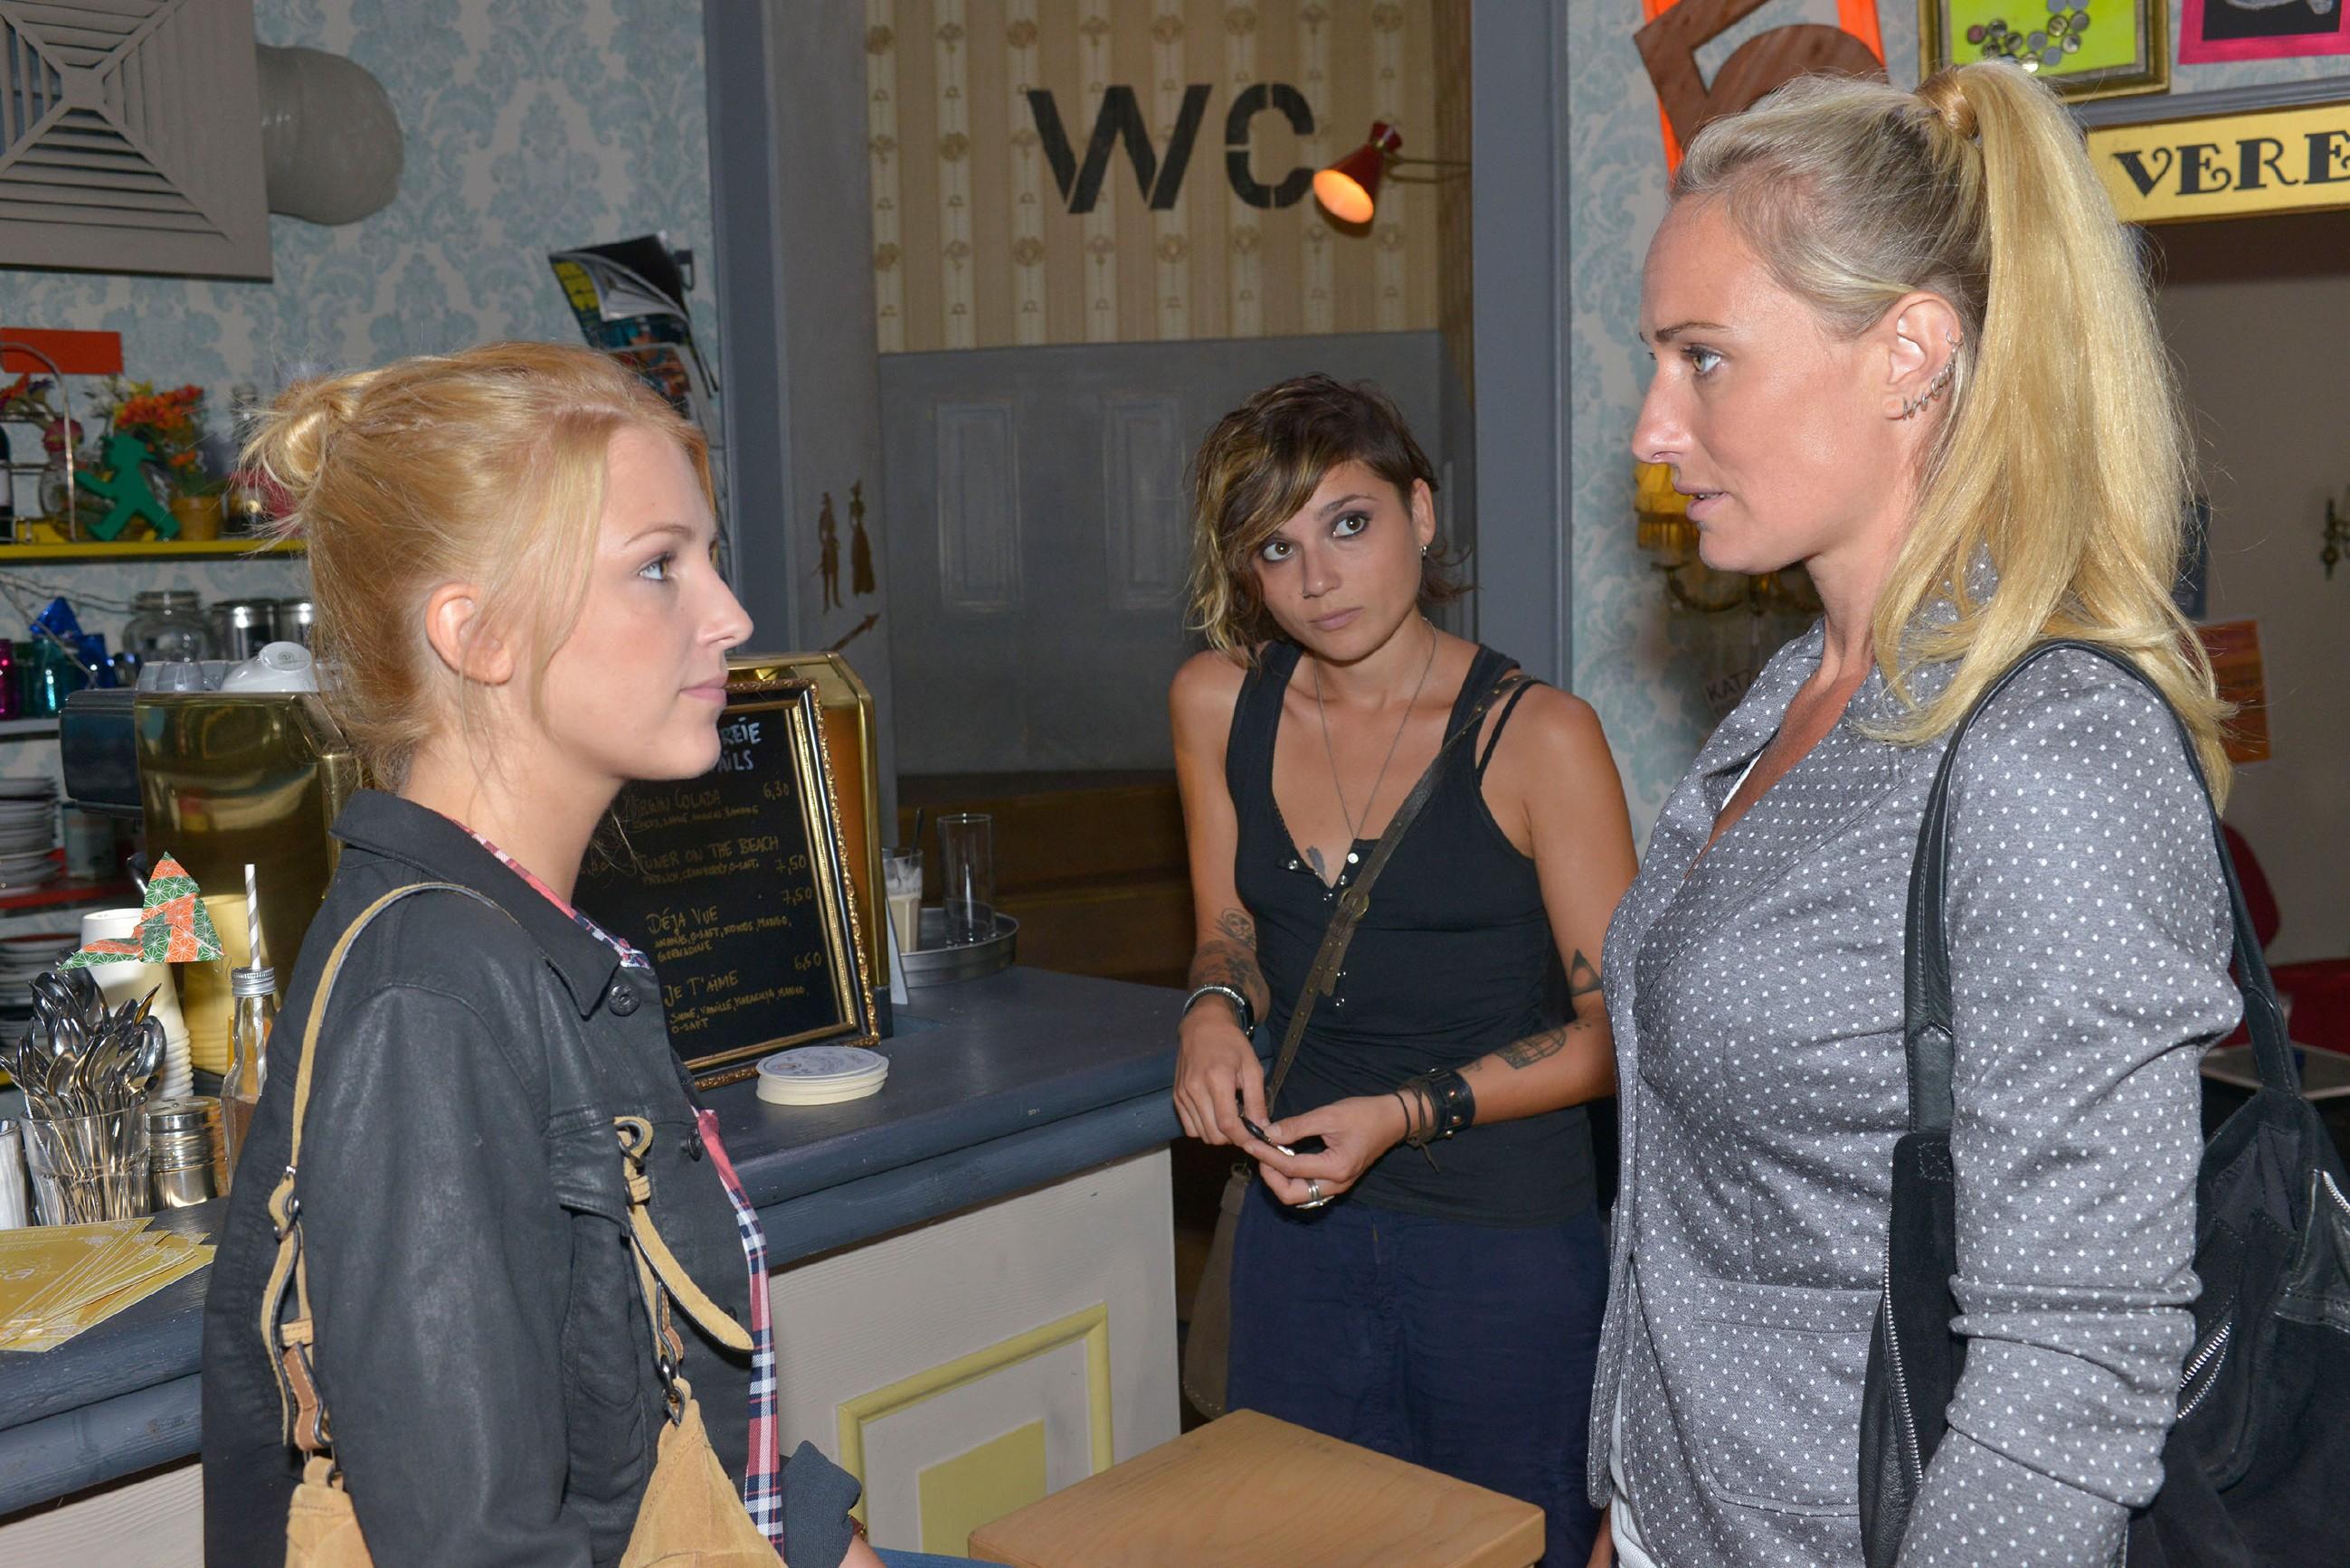 Anni (Linda Marlen Runge, M.) muss mitansehen, wie Lilly (Iris Mareike Steen, l.) ihrer Mutter Maren (Eva Mona Rodekirchen) eine bitterböse Ansage macht... (Quelle: © RTL / Rolf Baumgartner)